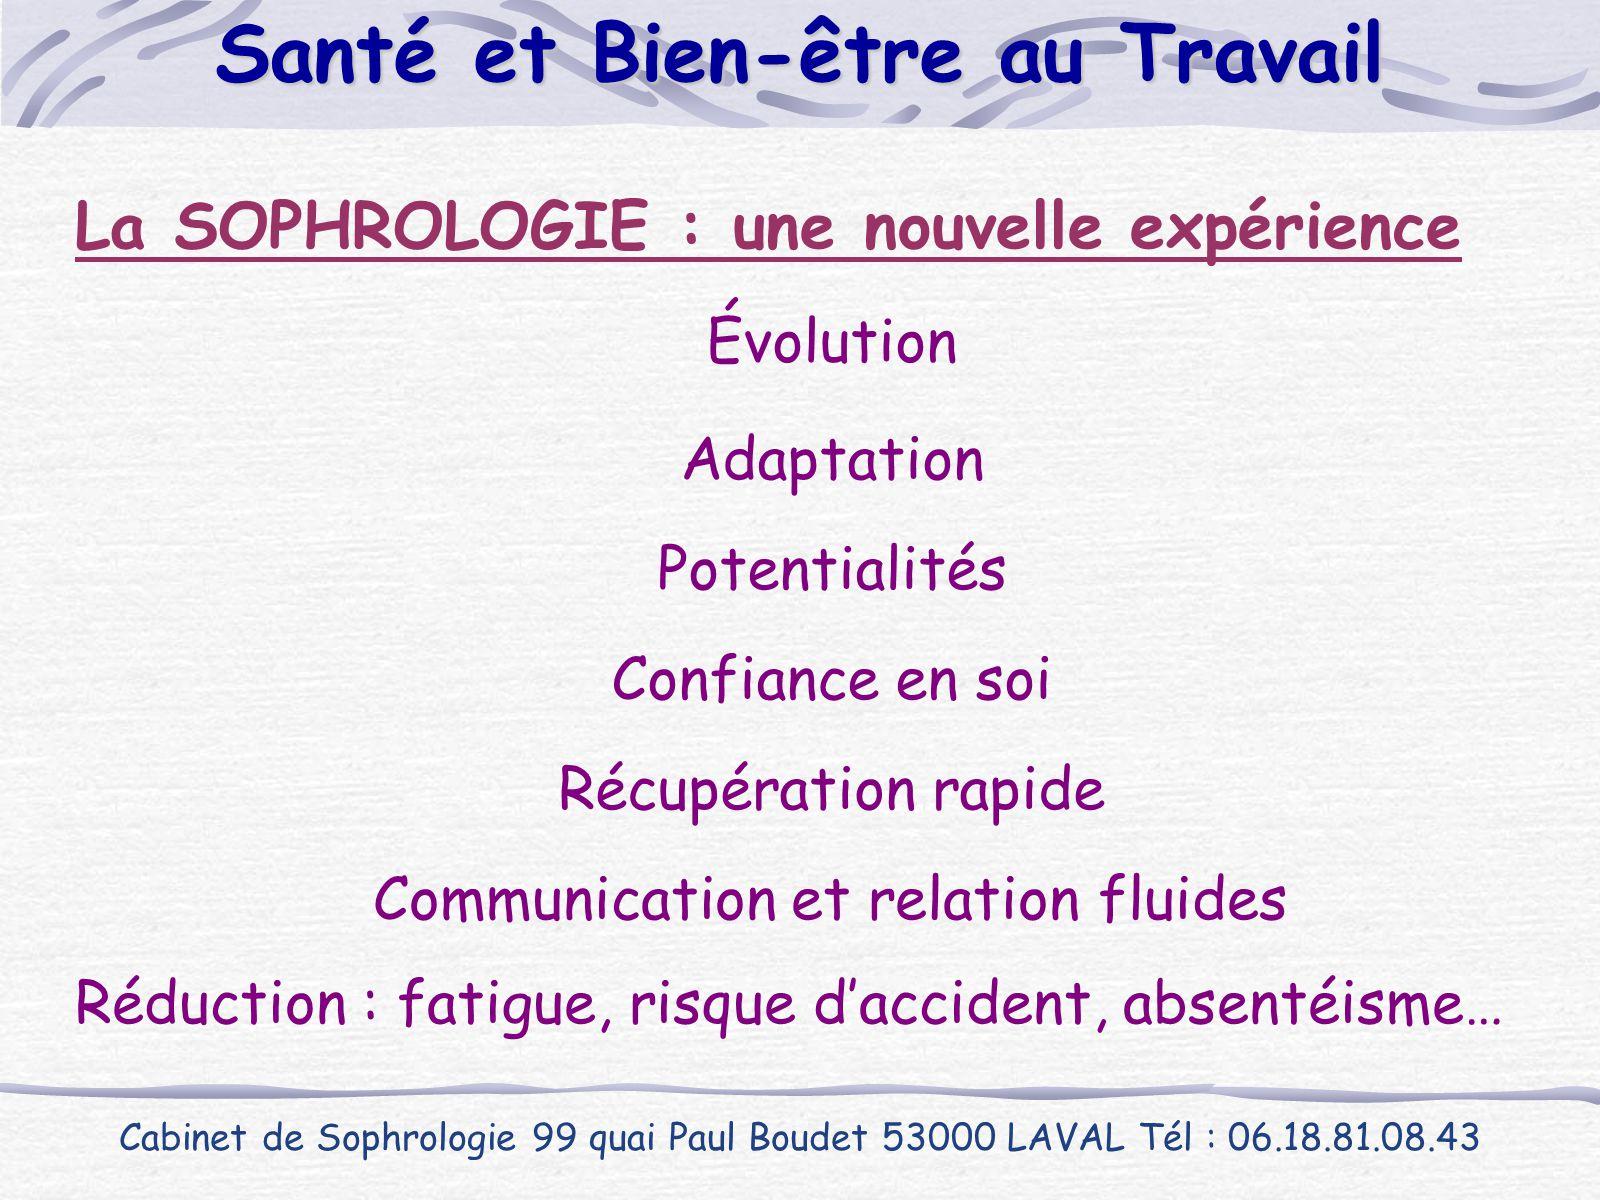 La SOPHROLOGIE : une nouvelle expérience Cabinet de Sophrologie 99 quai Paul Boudet 53000 LAVAL Tél : 06.18.81.08.43 Santé et Bien-être au Travail Réd